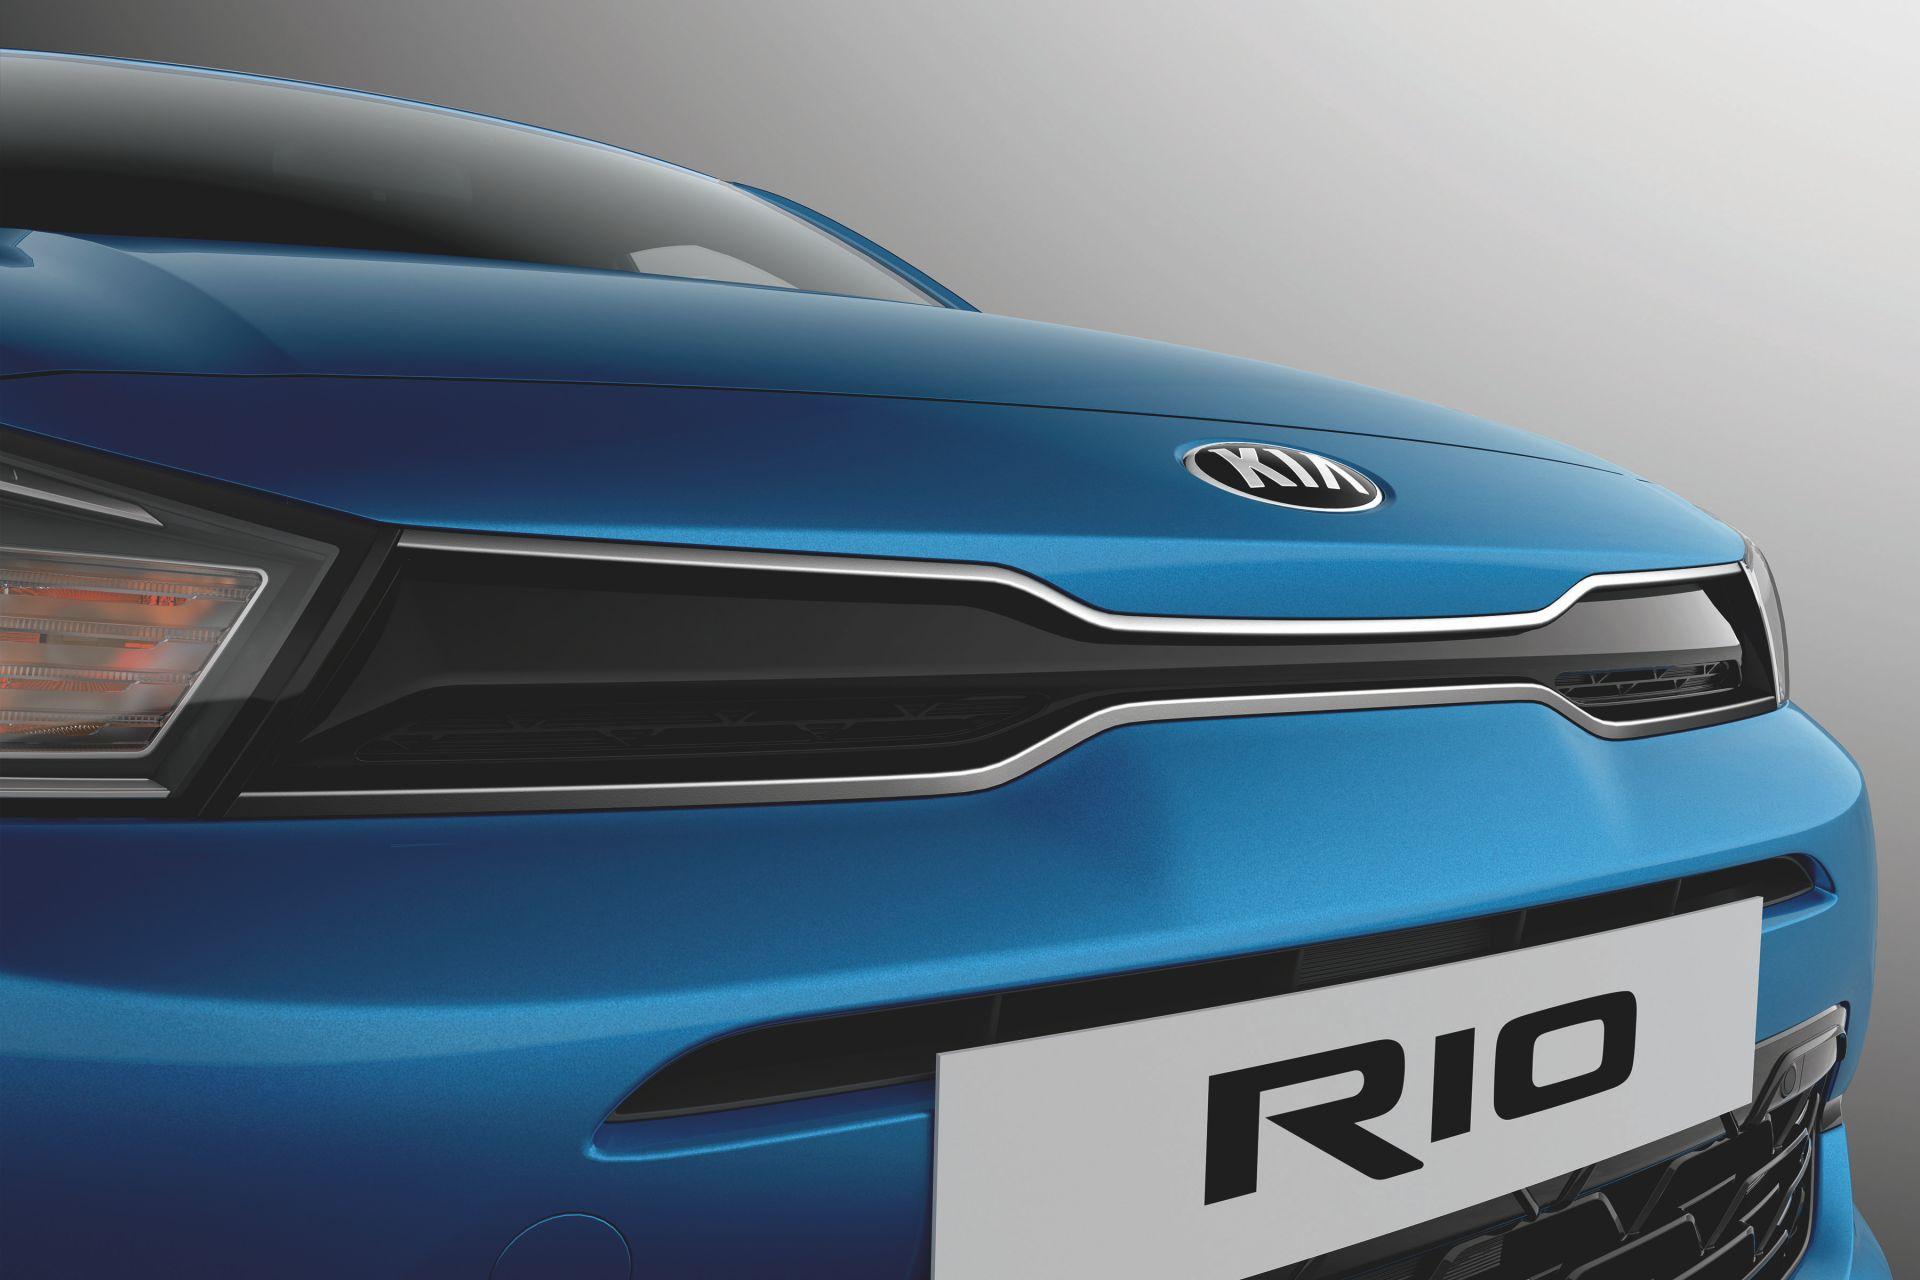 Makyajlı 2020 Kia Rio, hafif hibrit sistemiyle tanıtıldı